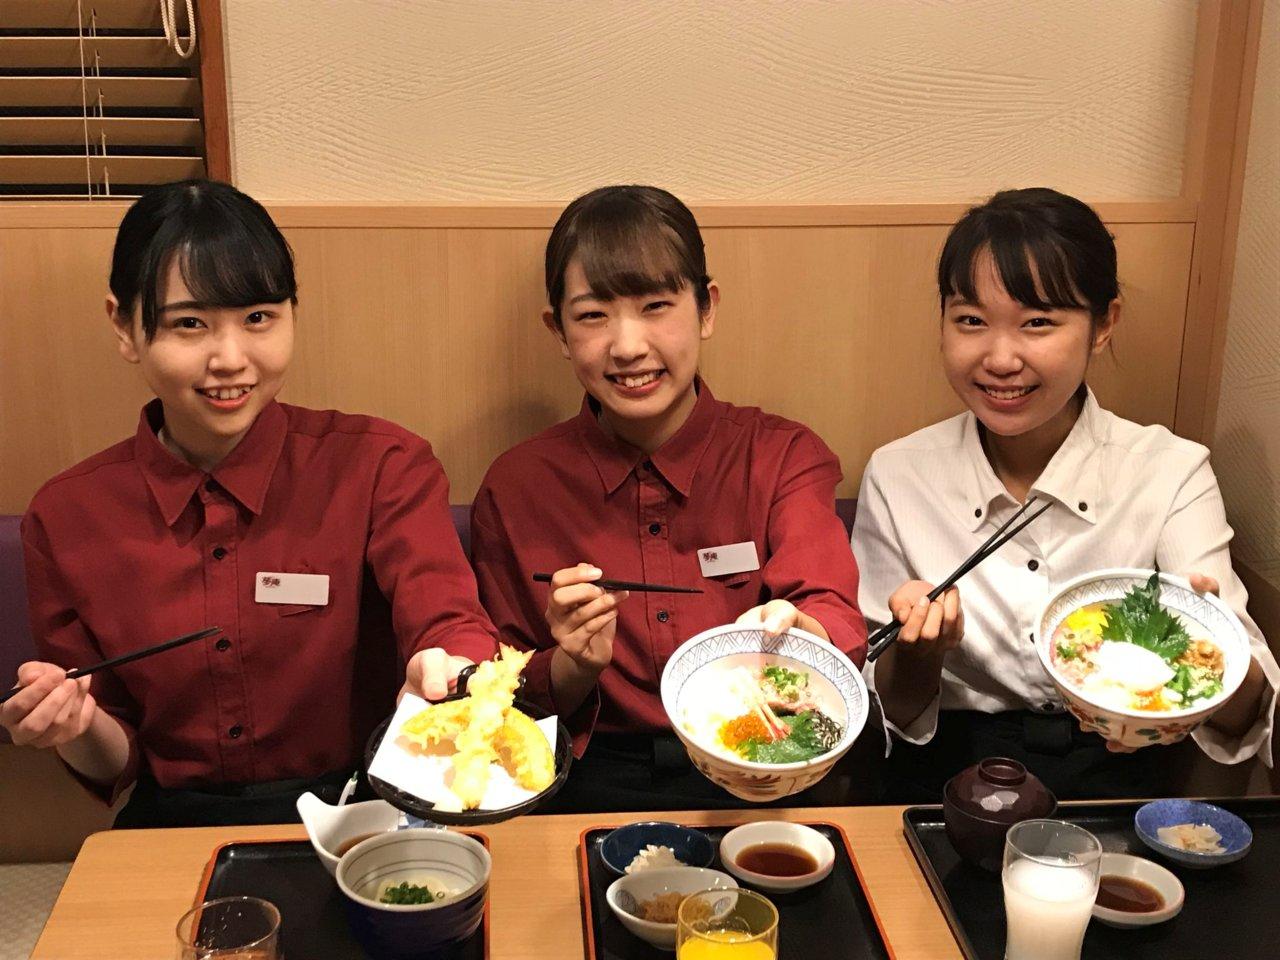 【食事付き】(1)厨房/キッチン [ア][パ] (2)皿洗い/洗い...